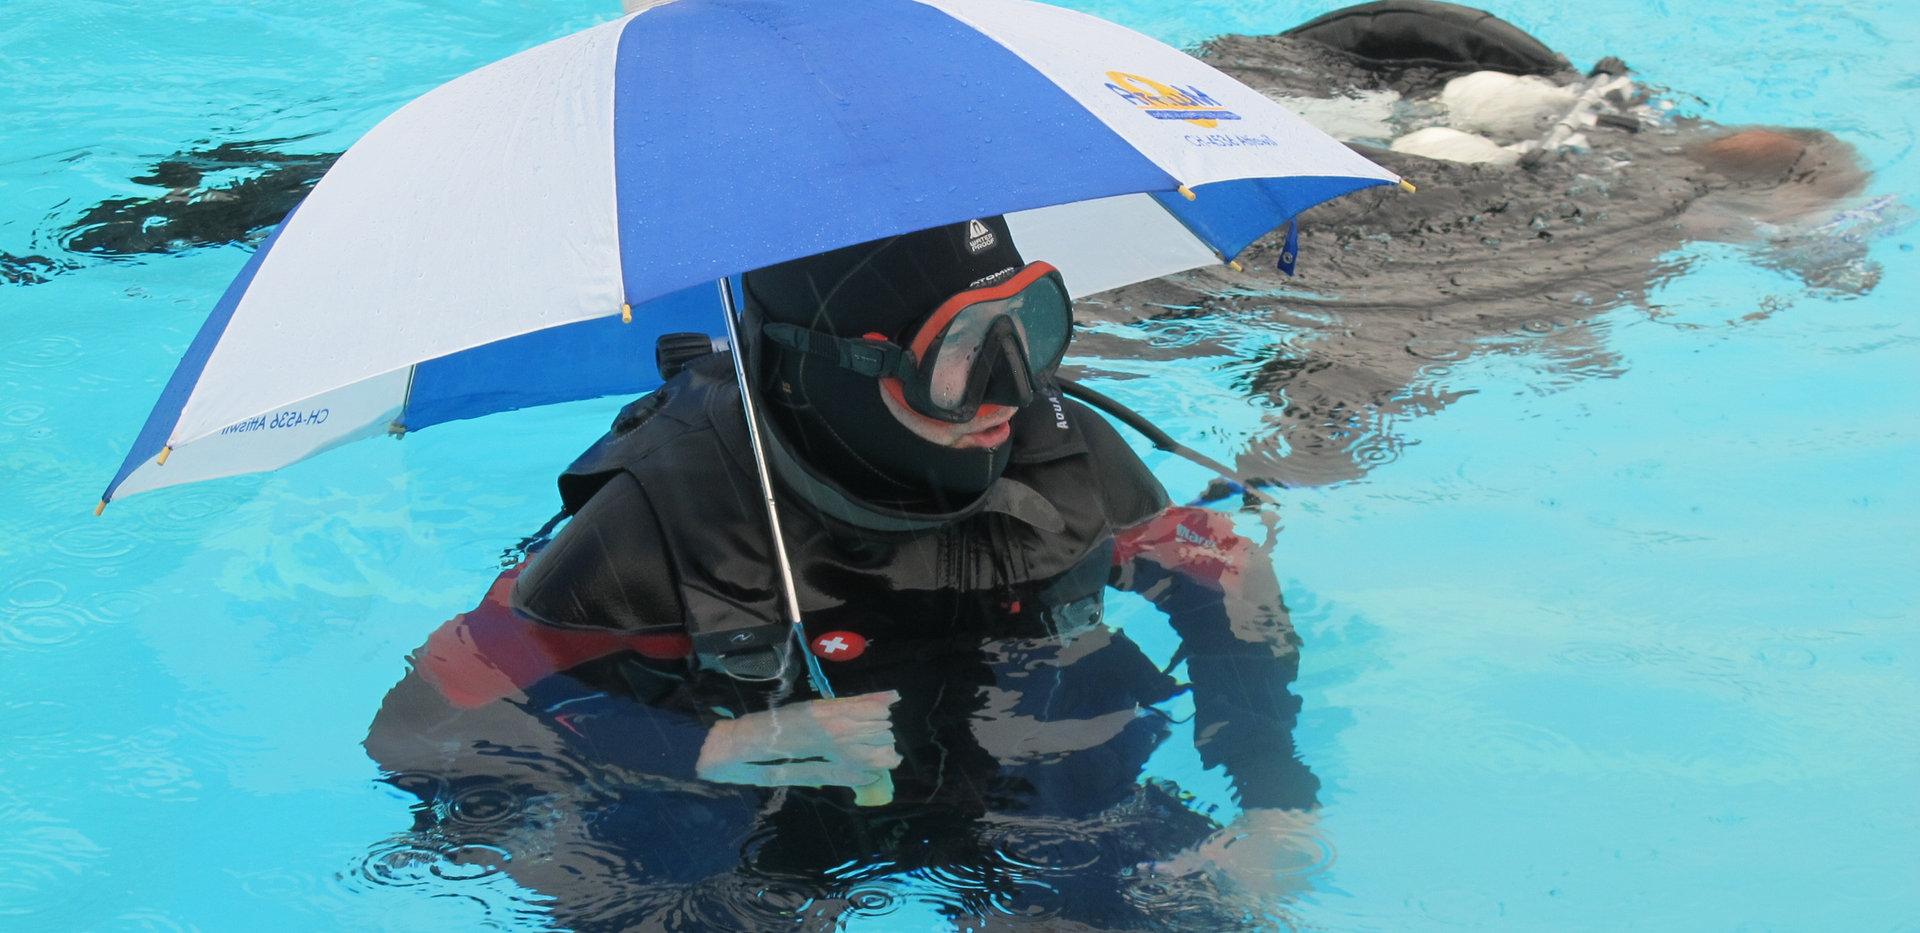 Muss sich ja vor dem Regen schützen